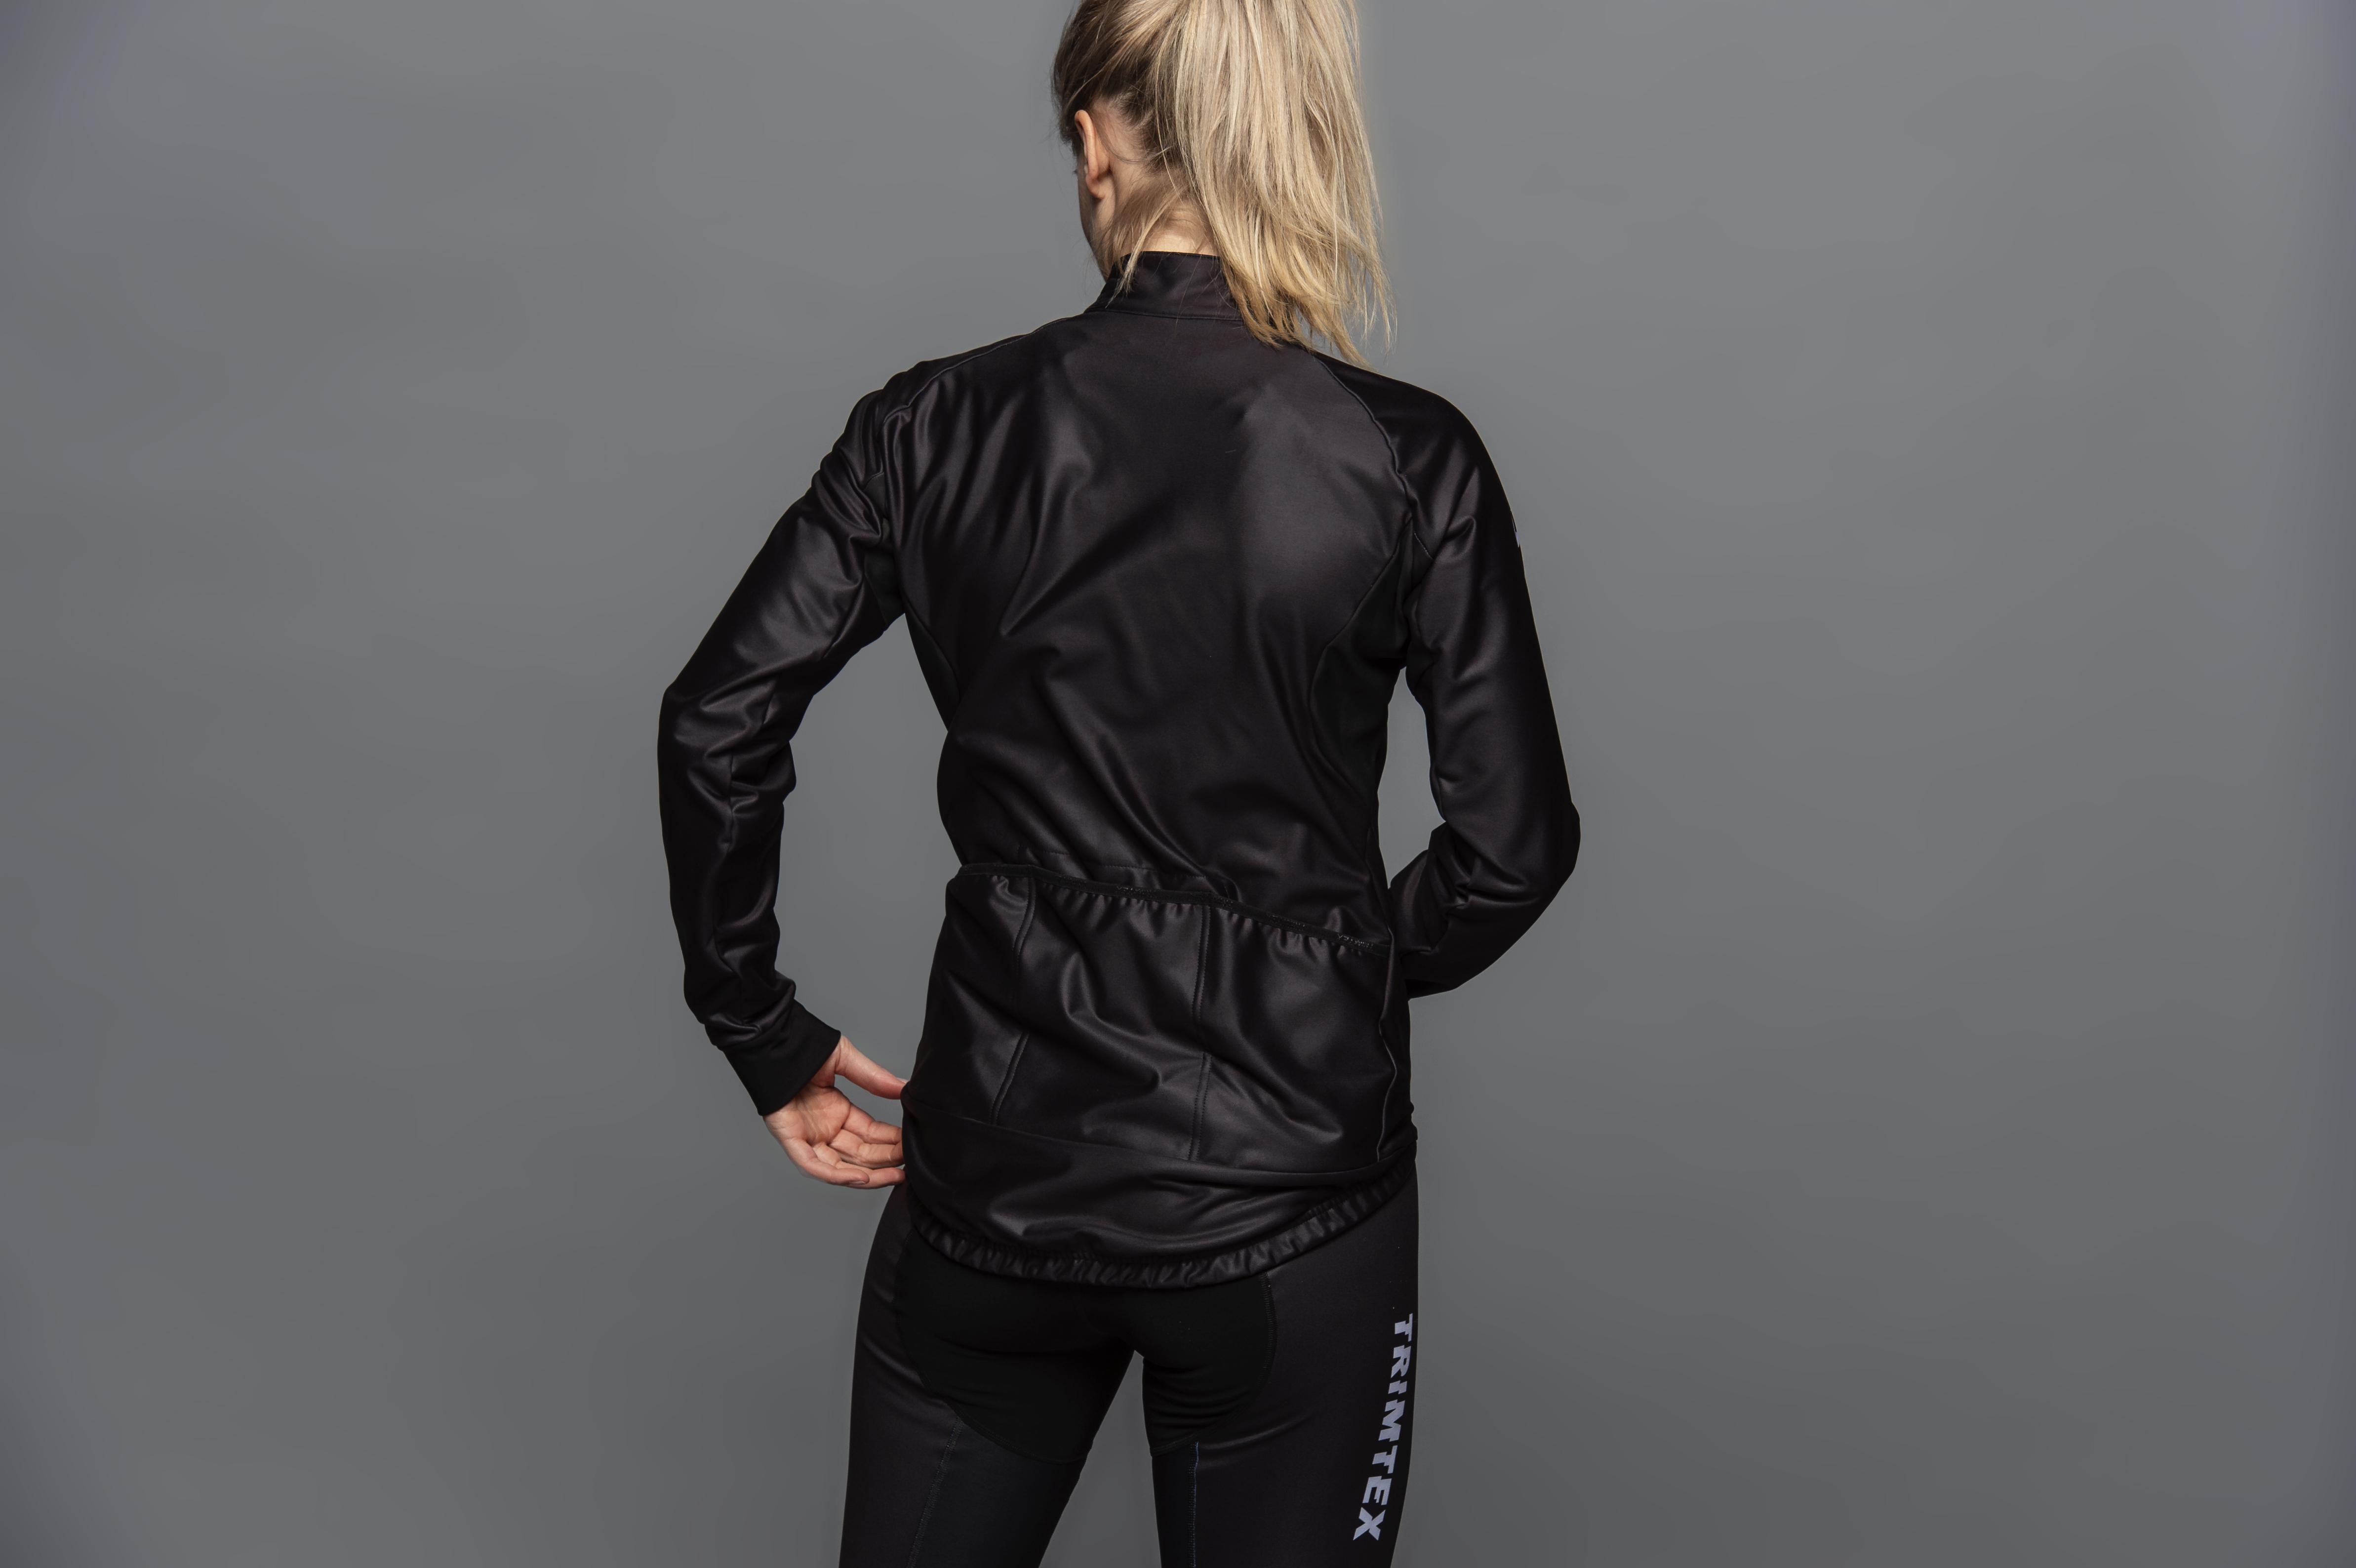 Vind och vattentät cykeljacka med tight passform till kvinnor.